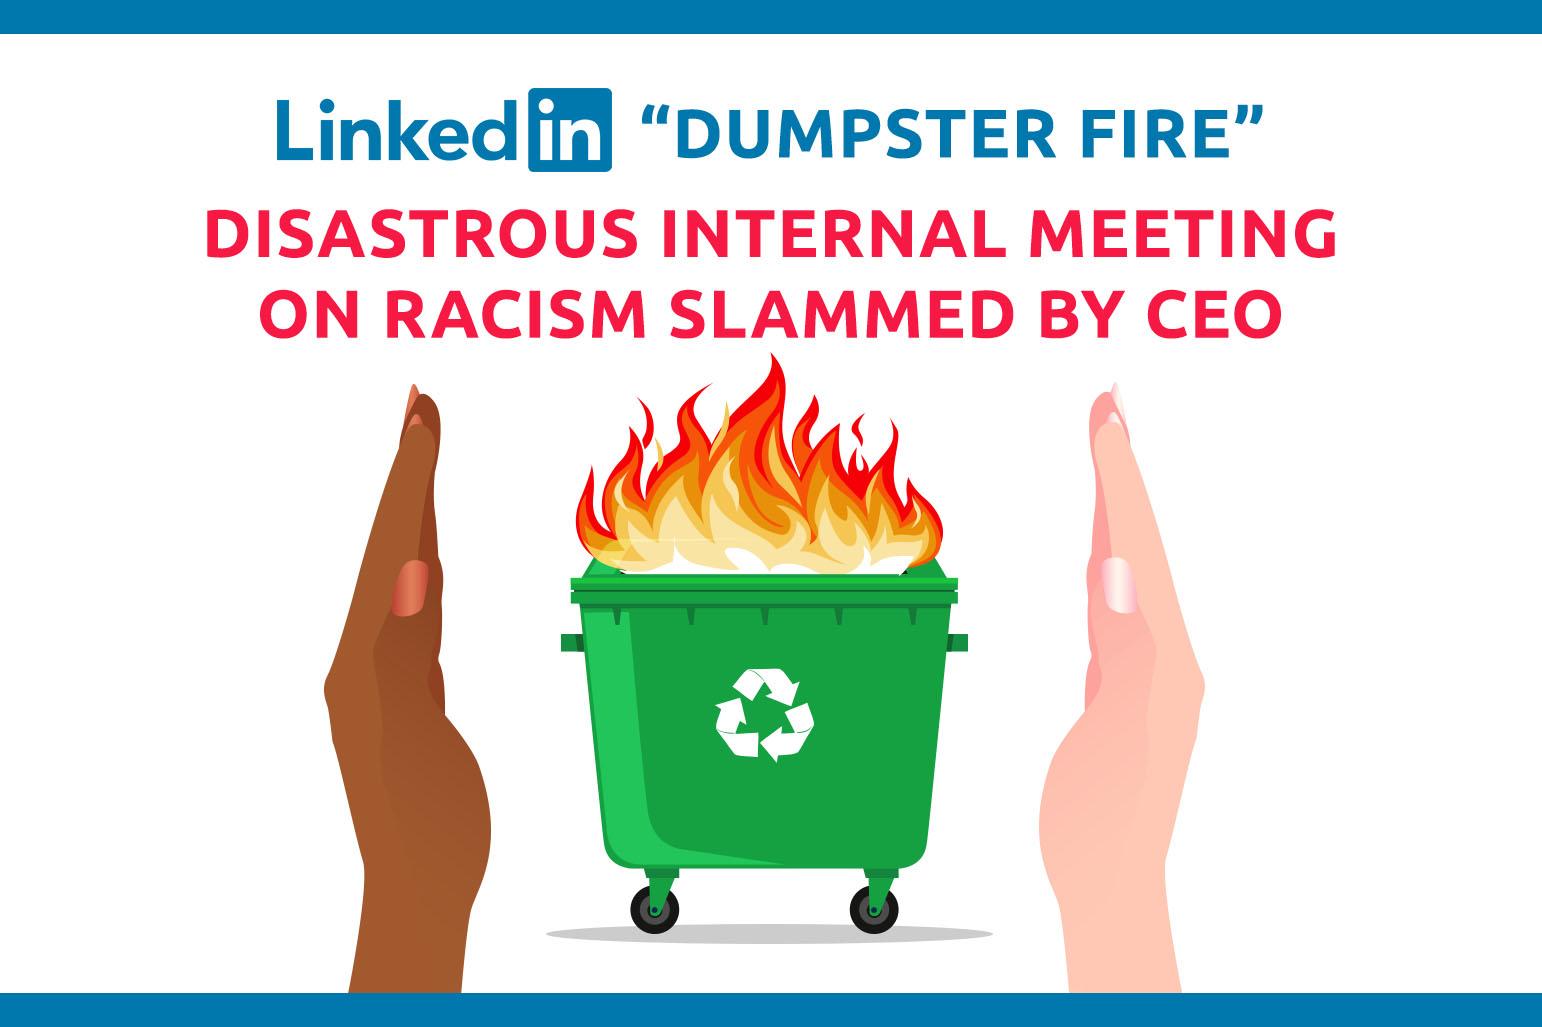 """LinkedIn """"Feu de benne"""" : Une réunion interne désastreuse sur le racisme est organisée par le PDG"""